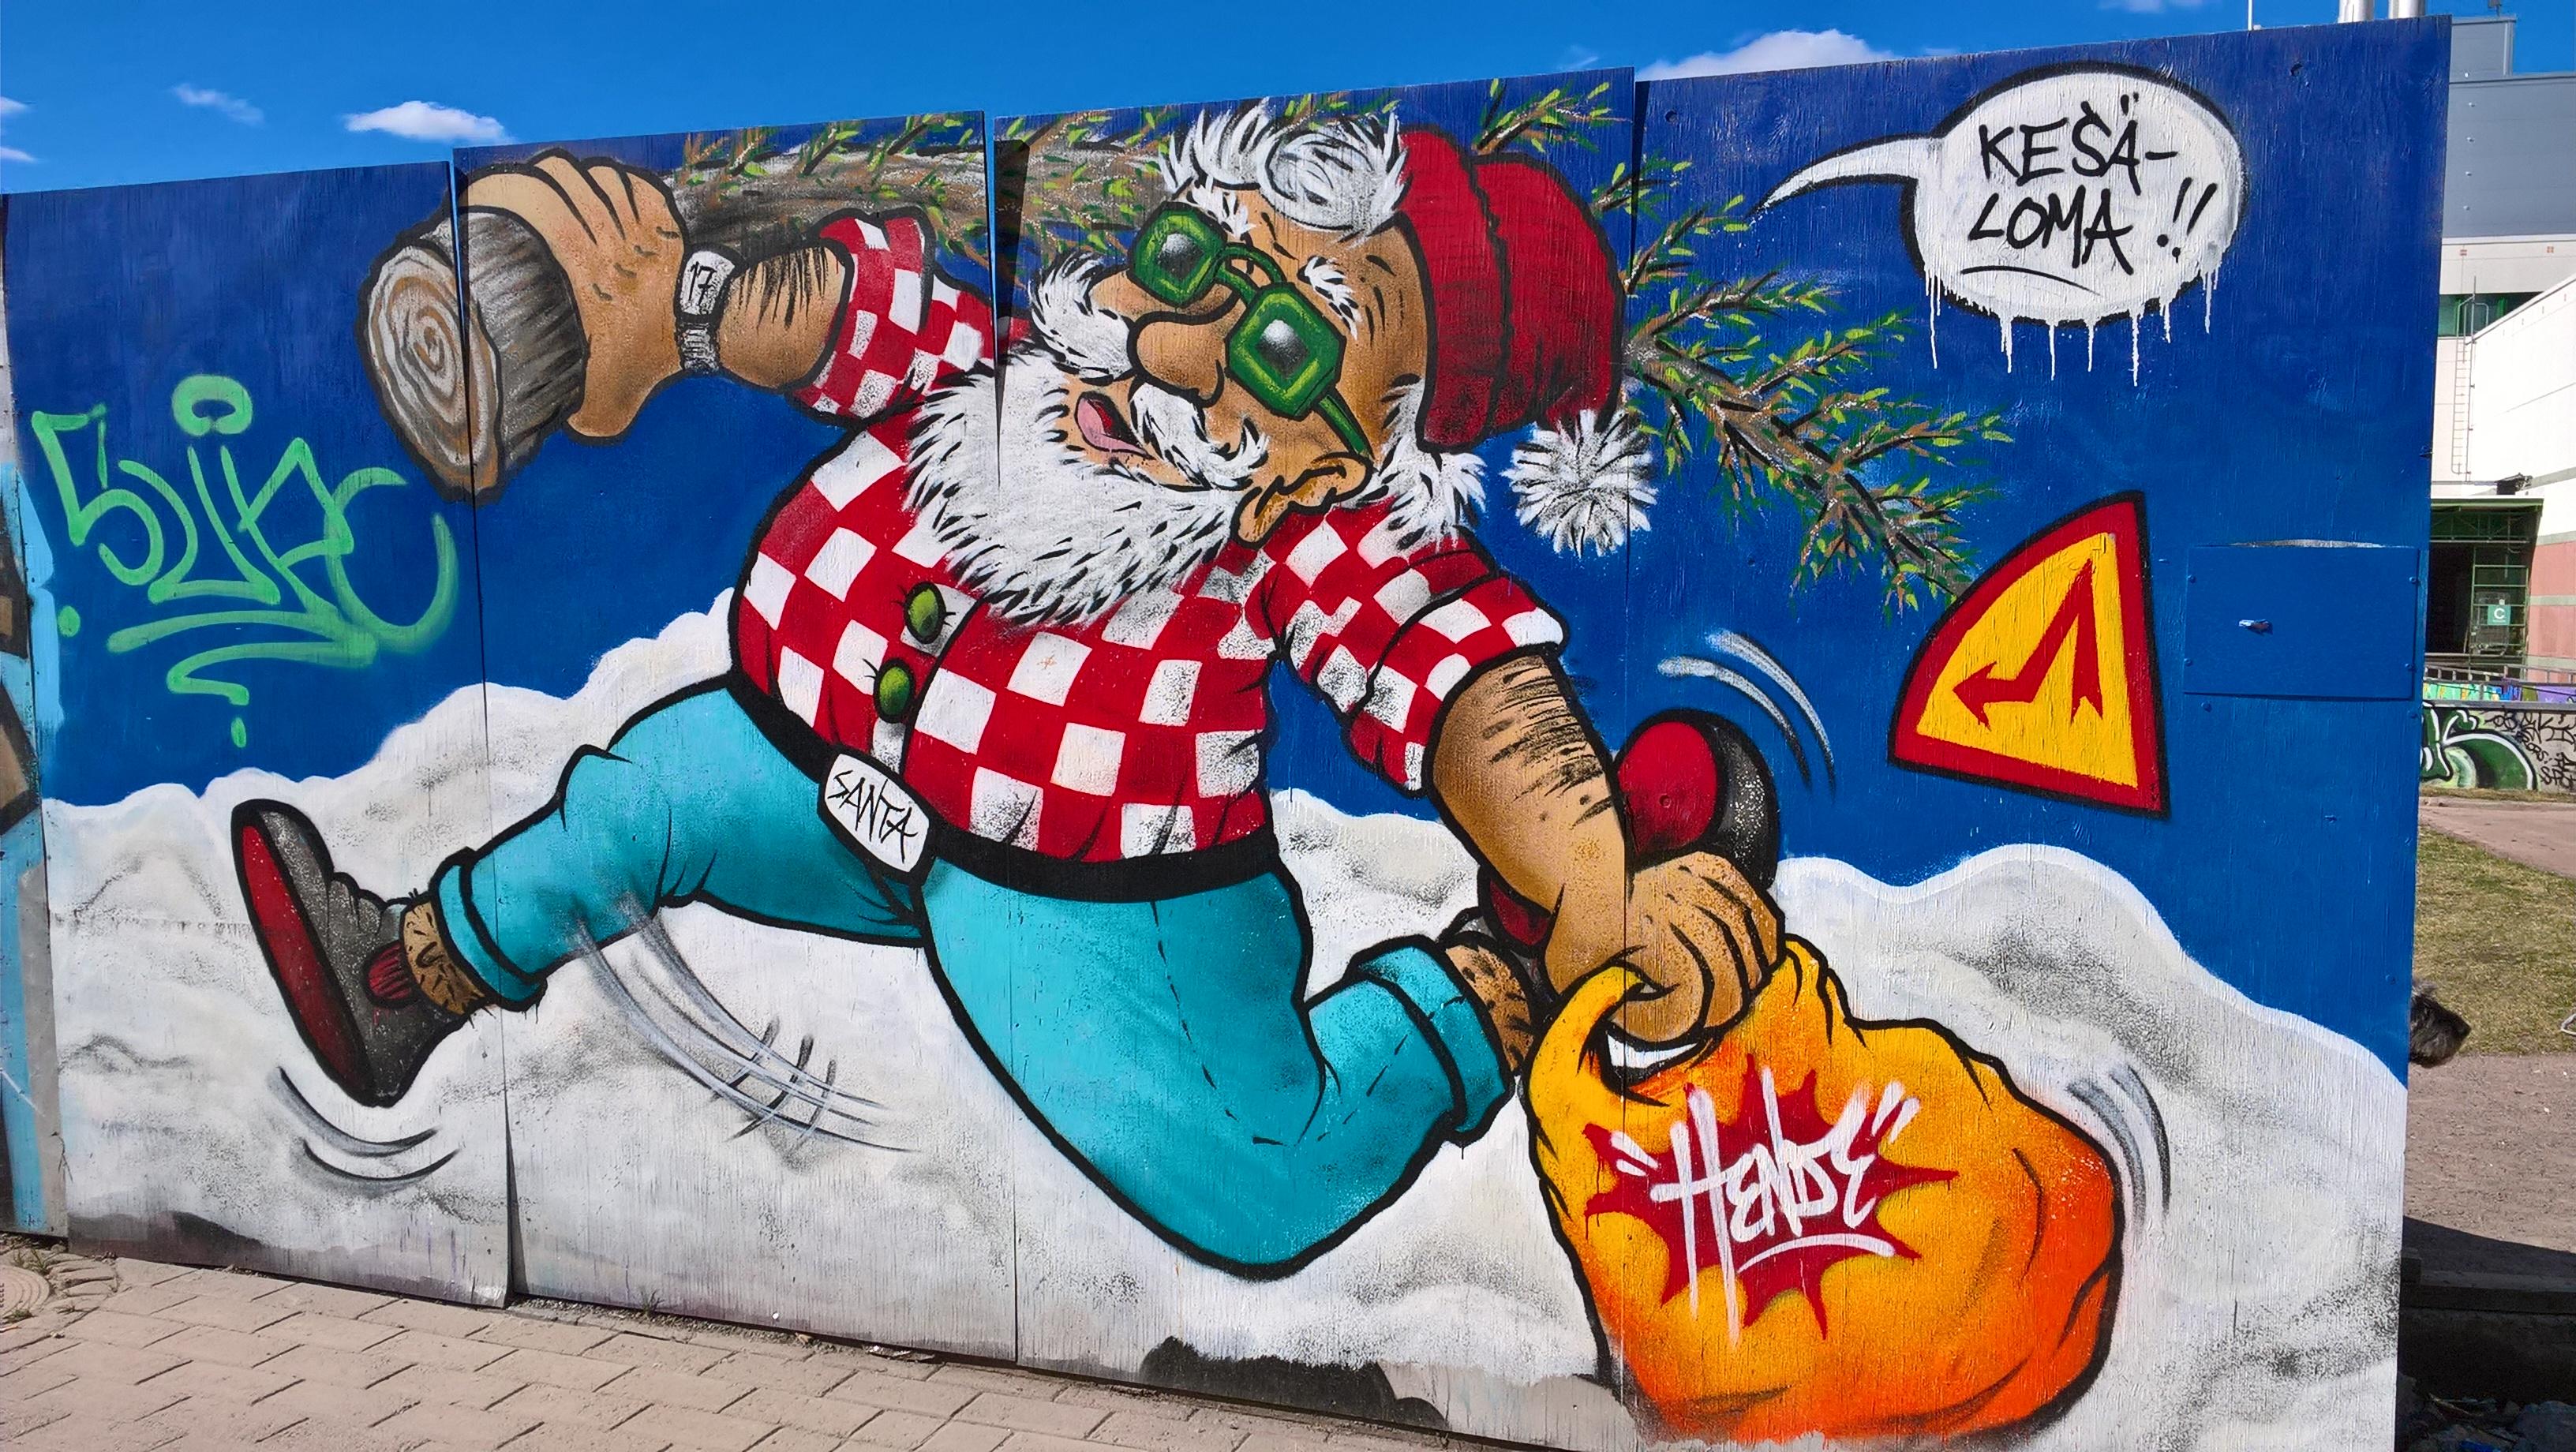 Vantaan kaupunki on tarjonnut graffitien tekoa varten maalauspintaa. Joulupunkin lomakuva maalattiin Myyrmäen luvalliseen graffiti-seinään. (Kuva: Jyrki Vättö)